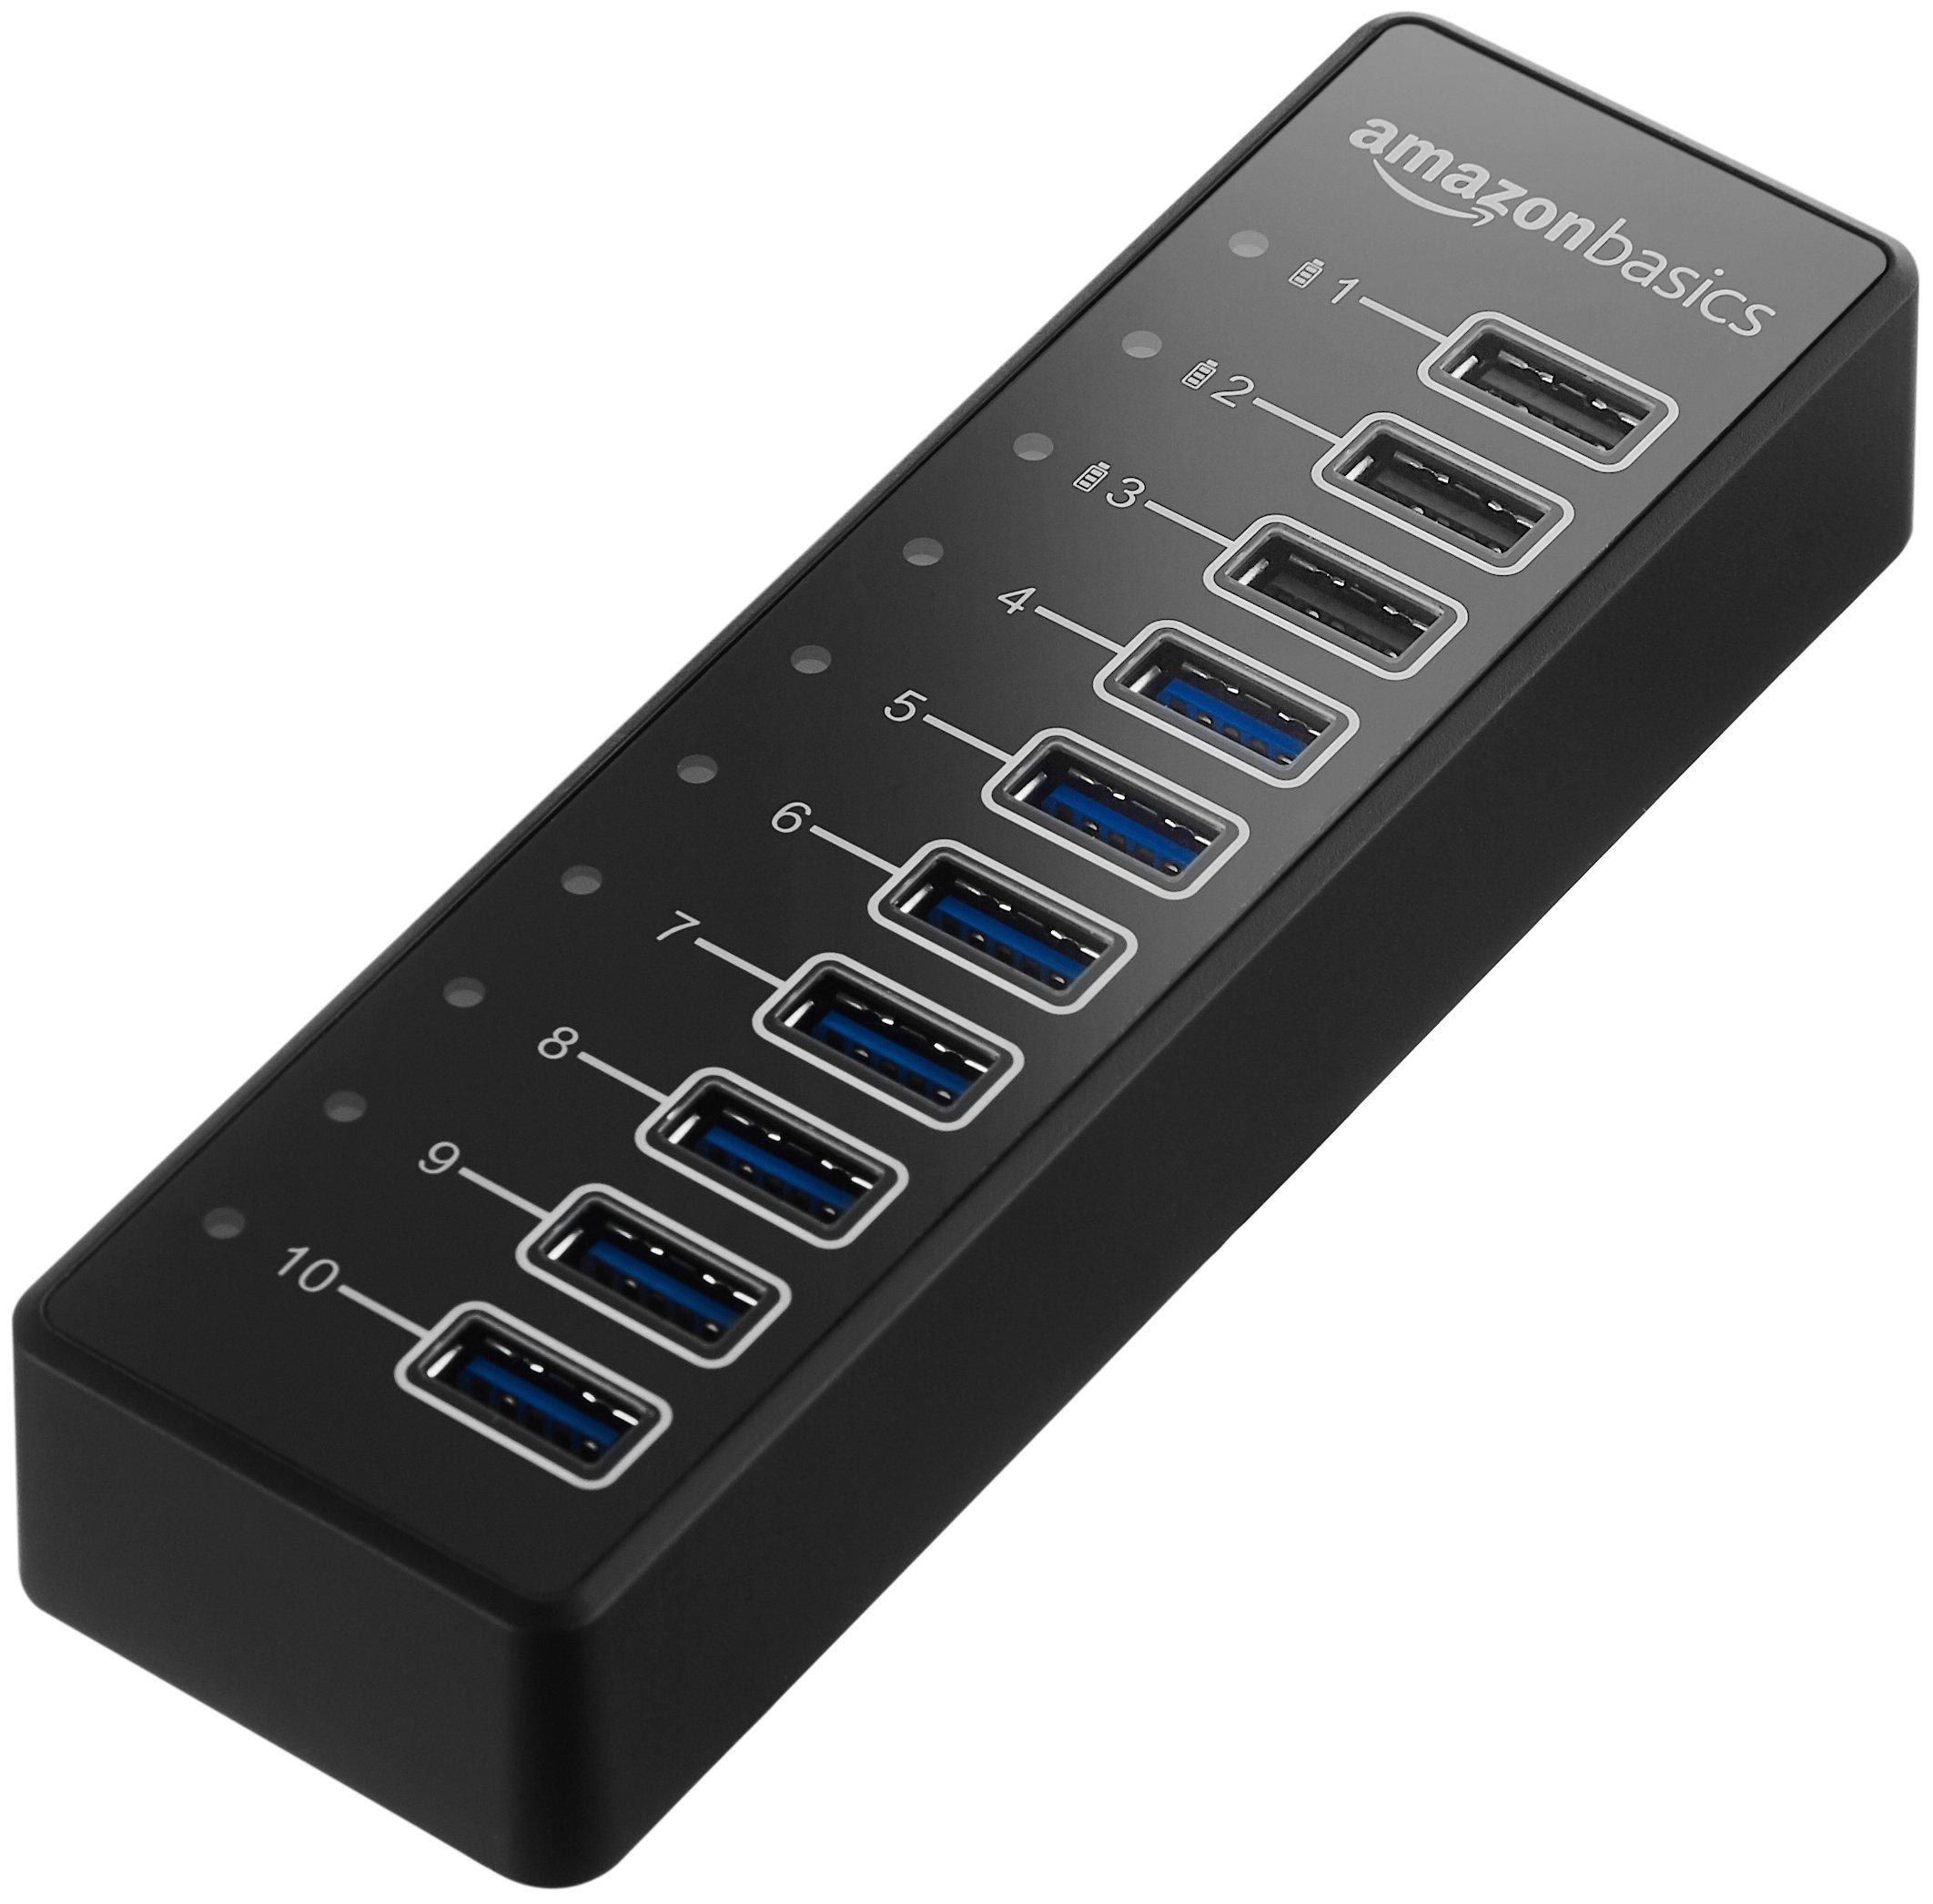 AmazonBasics USB-A 3.1 10-Port Hub with Power Adapter - 65W Powered (20V/3.25A), Black by AmazonBasics